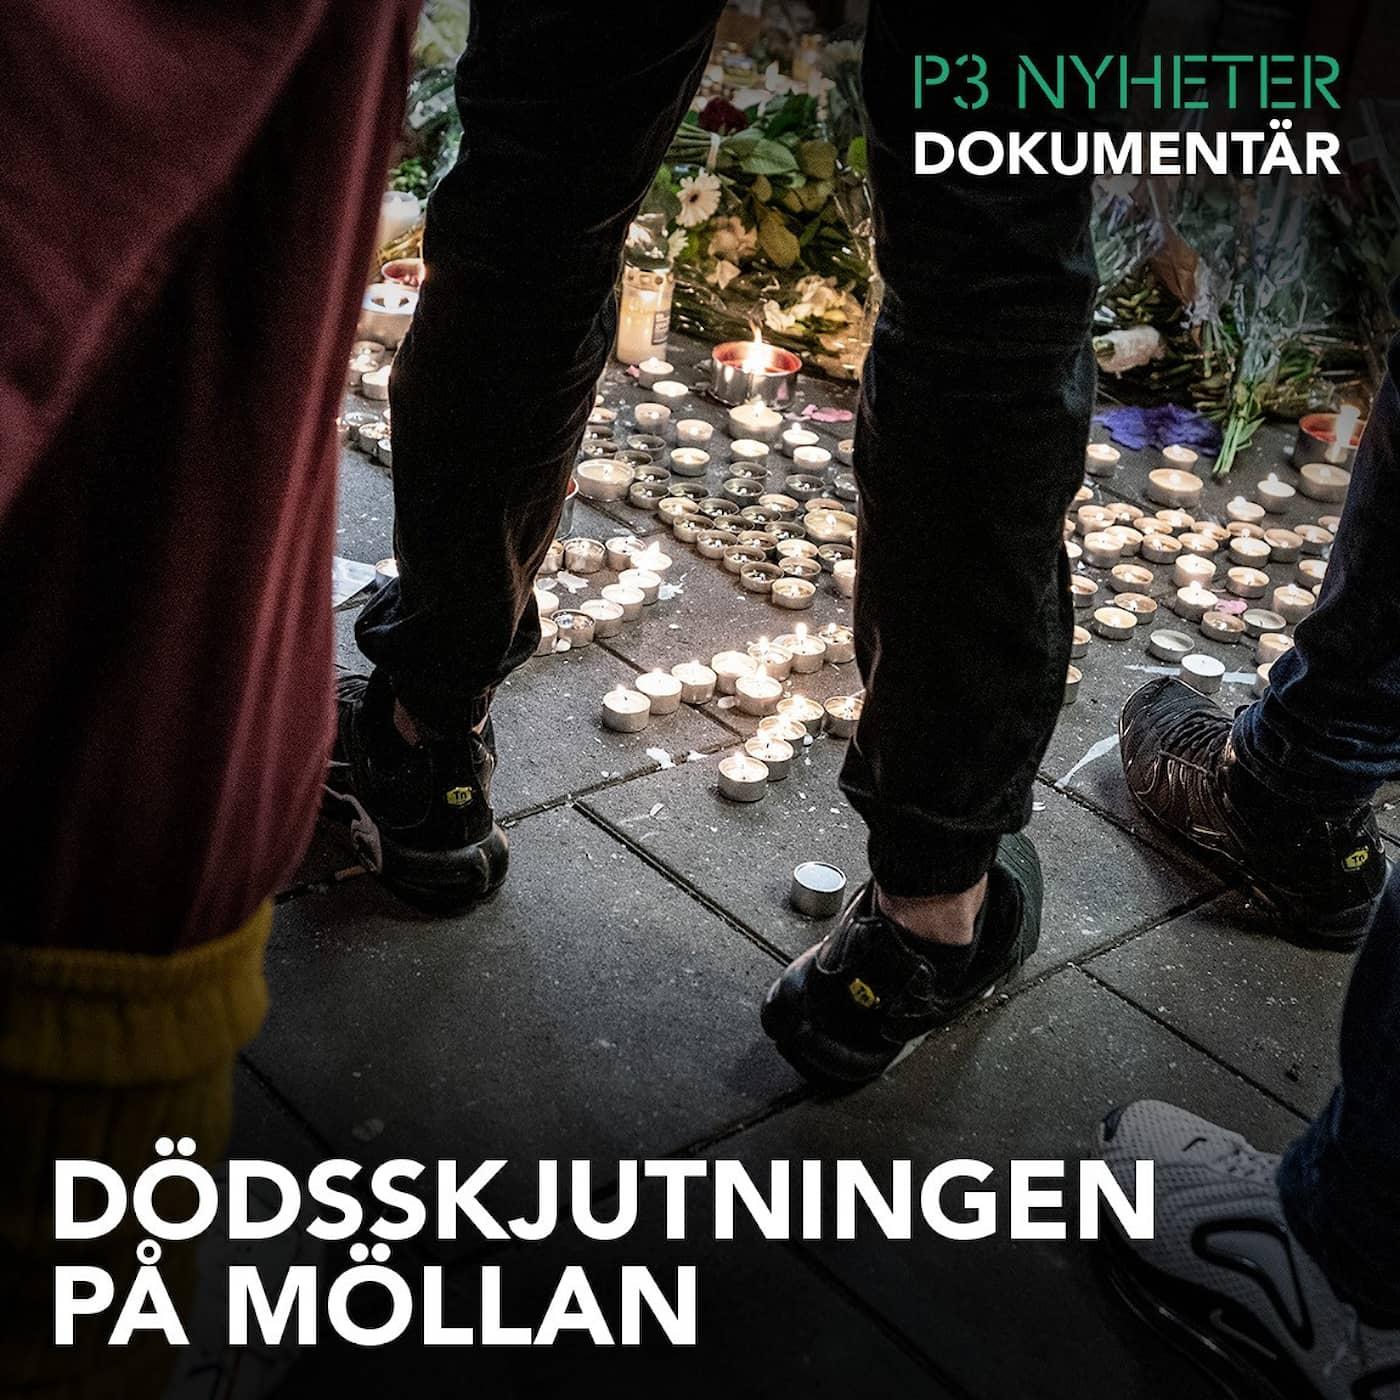 Dödsskjutningen på Möllan - P3 Nyheter Dokumentär